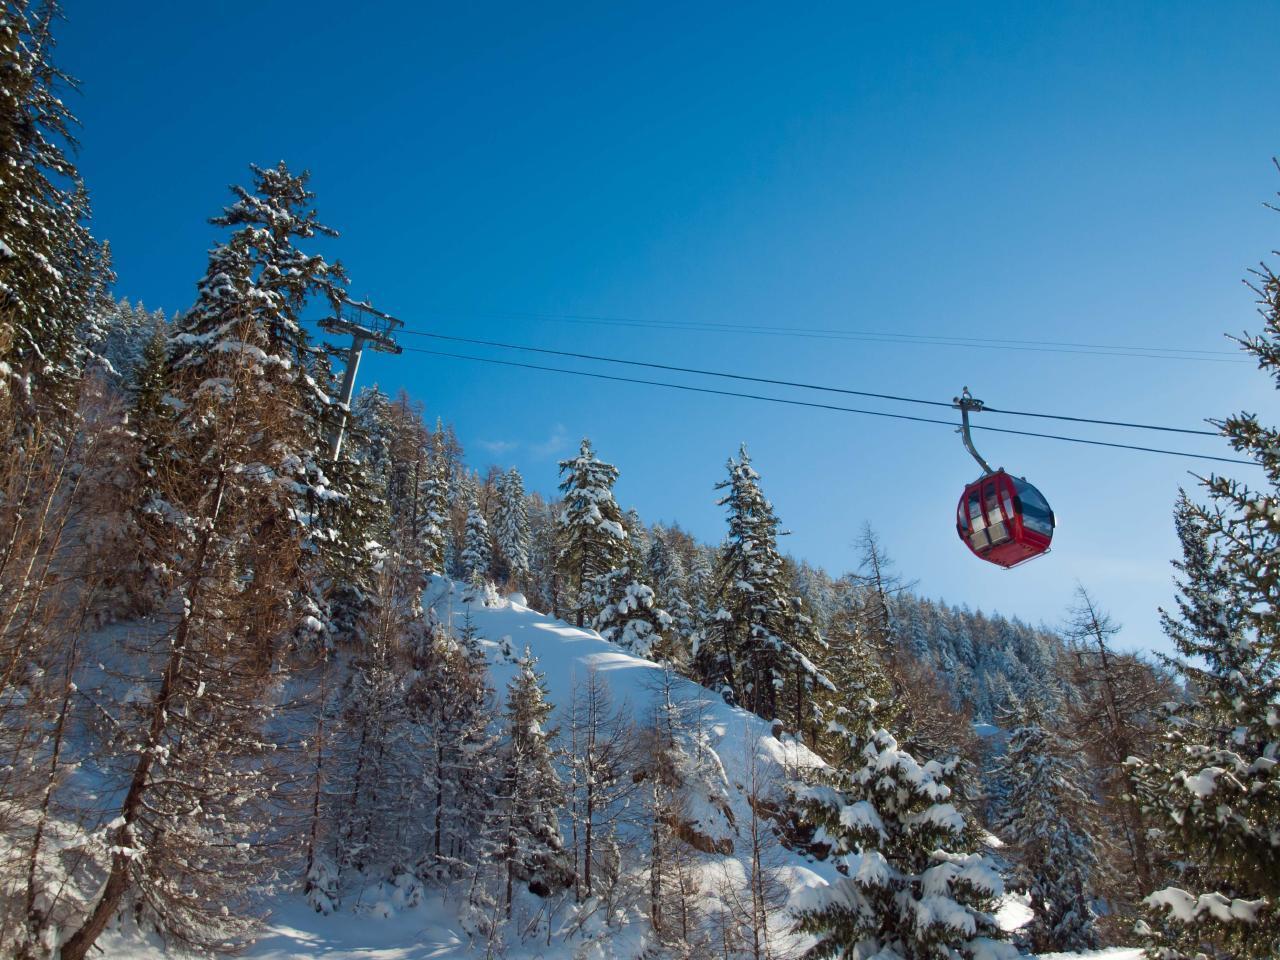 Ferienwohnung Urchiges Walliserchalet auf Rosswald | Alphütte OG (2171131), Rosswald, Brig - Simplon, Wallis, Schweiz, Bild 24